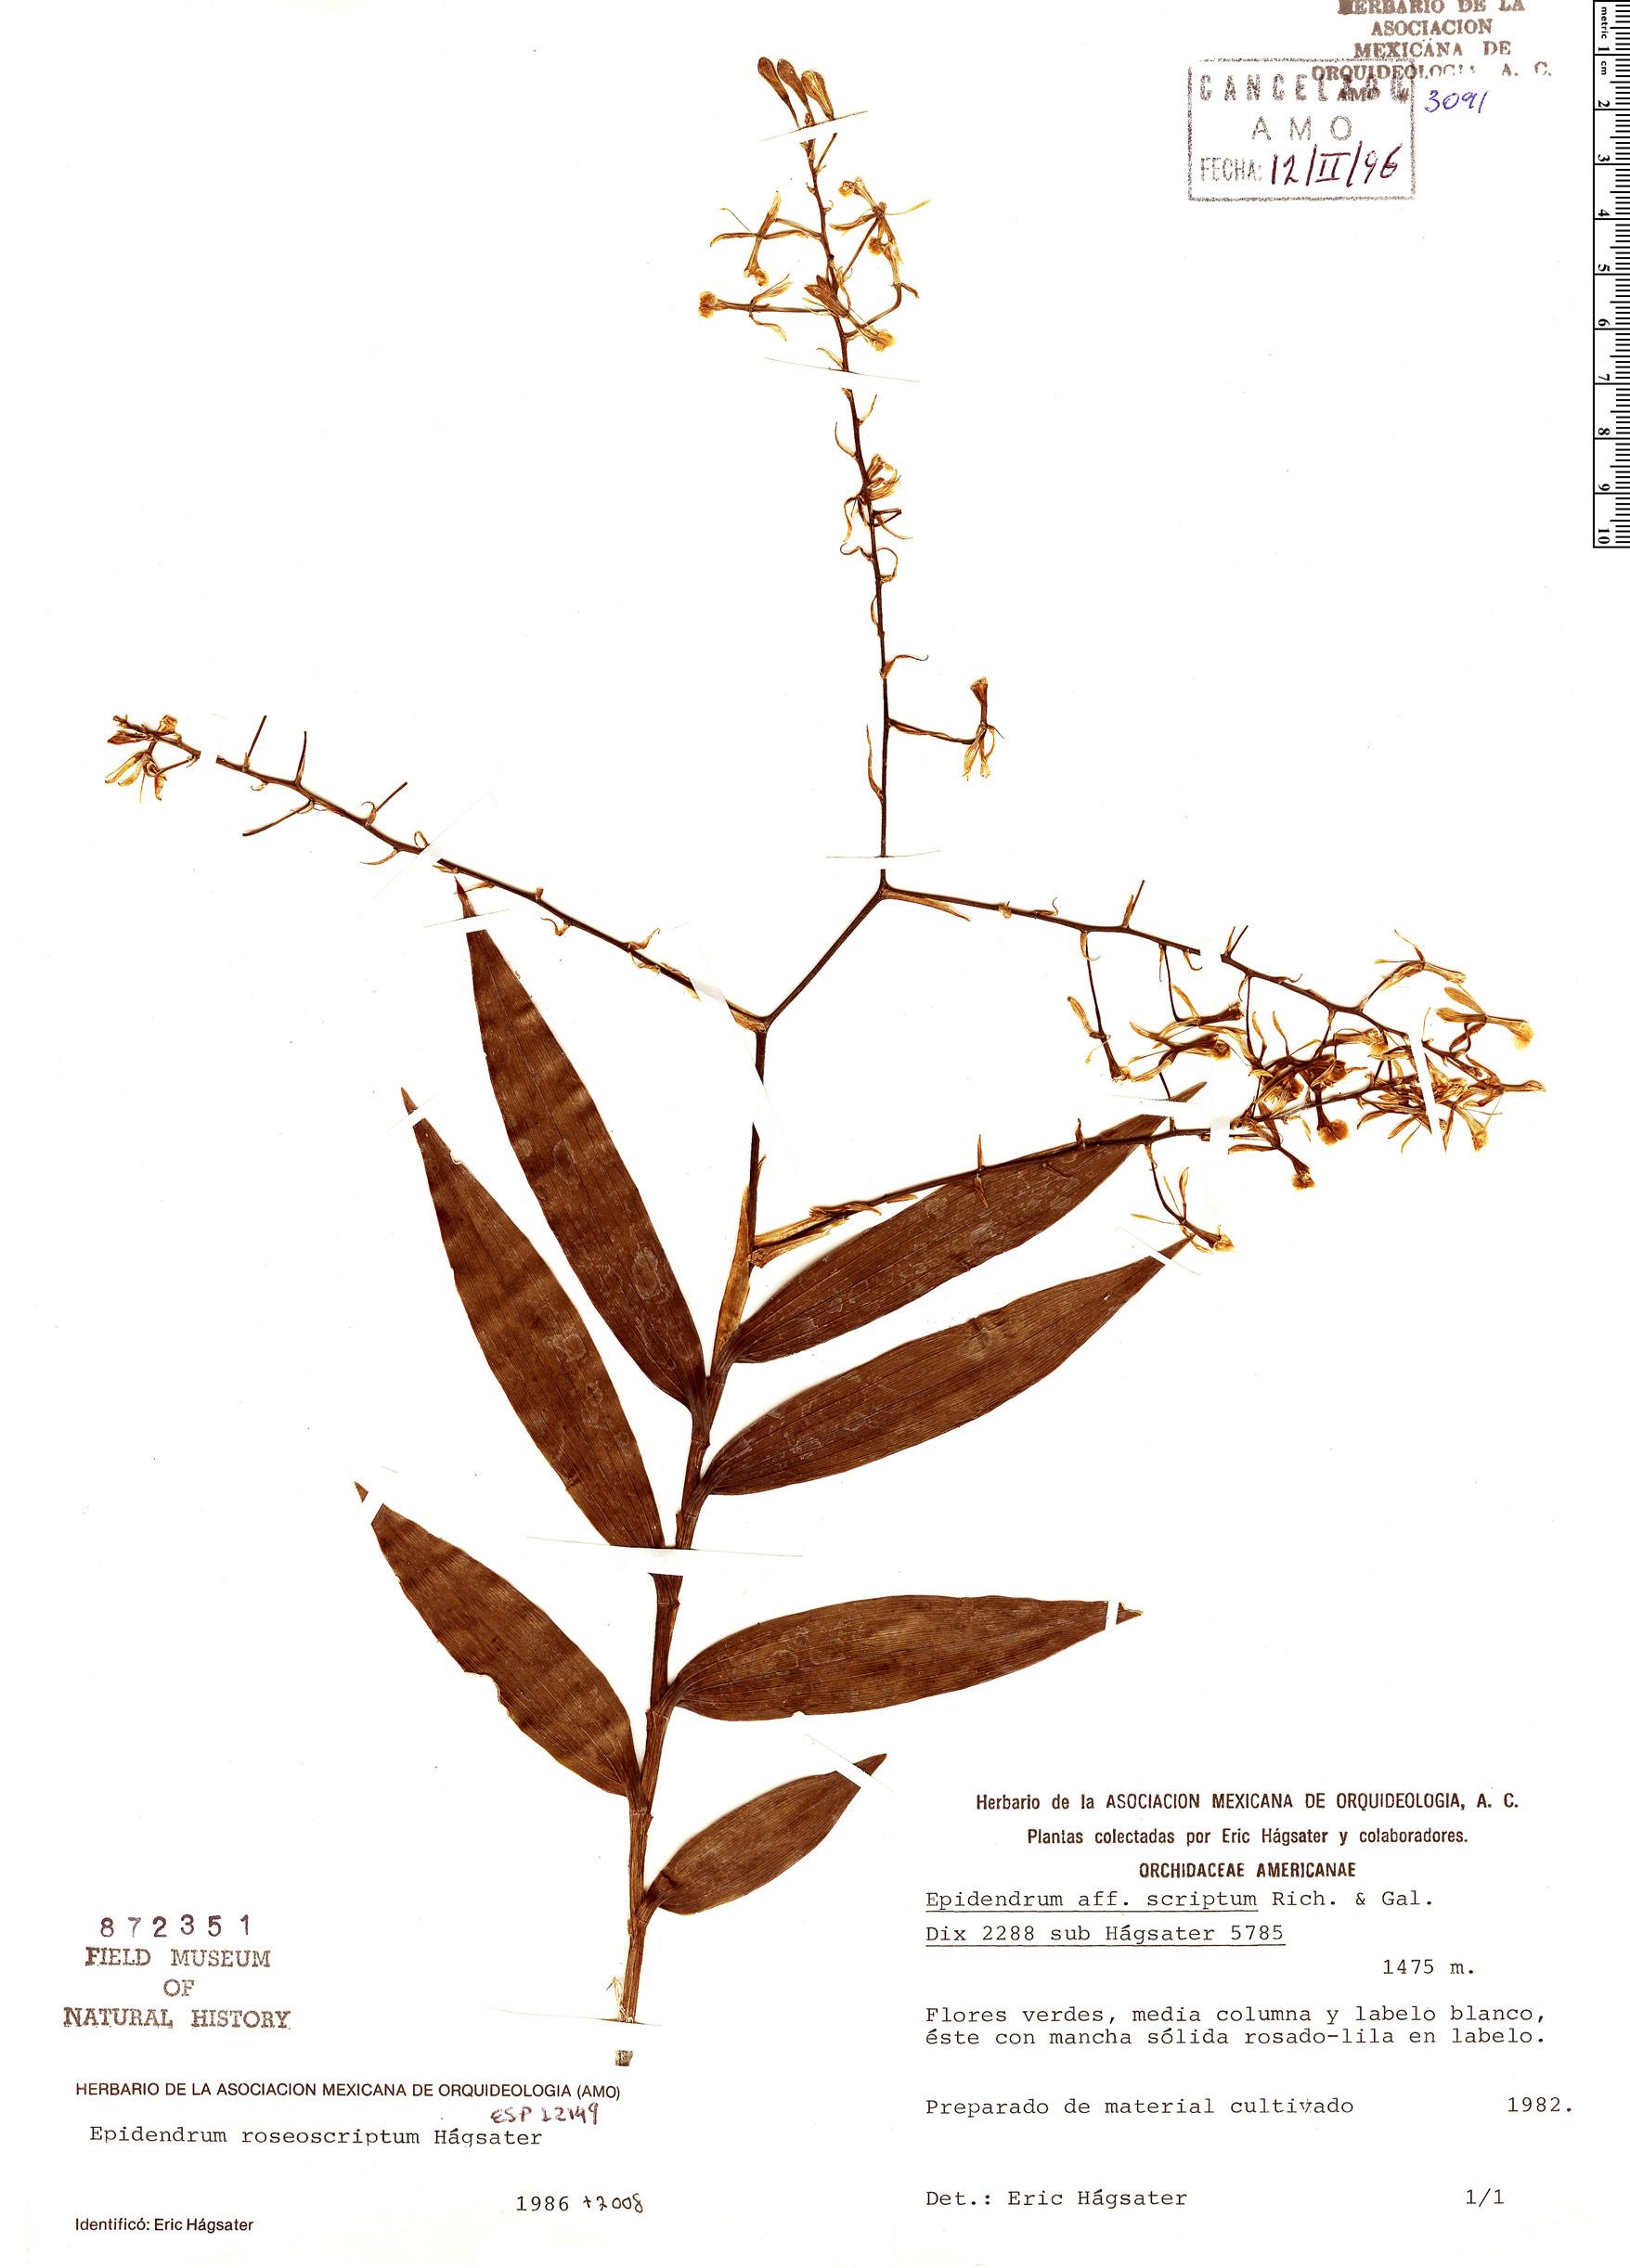 Specimen: Epidendrum roseoscriptum